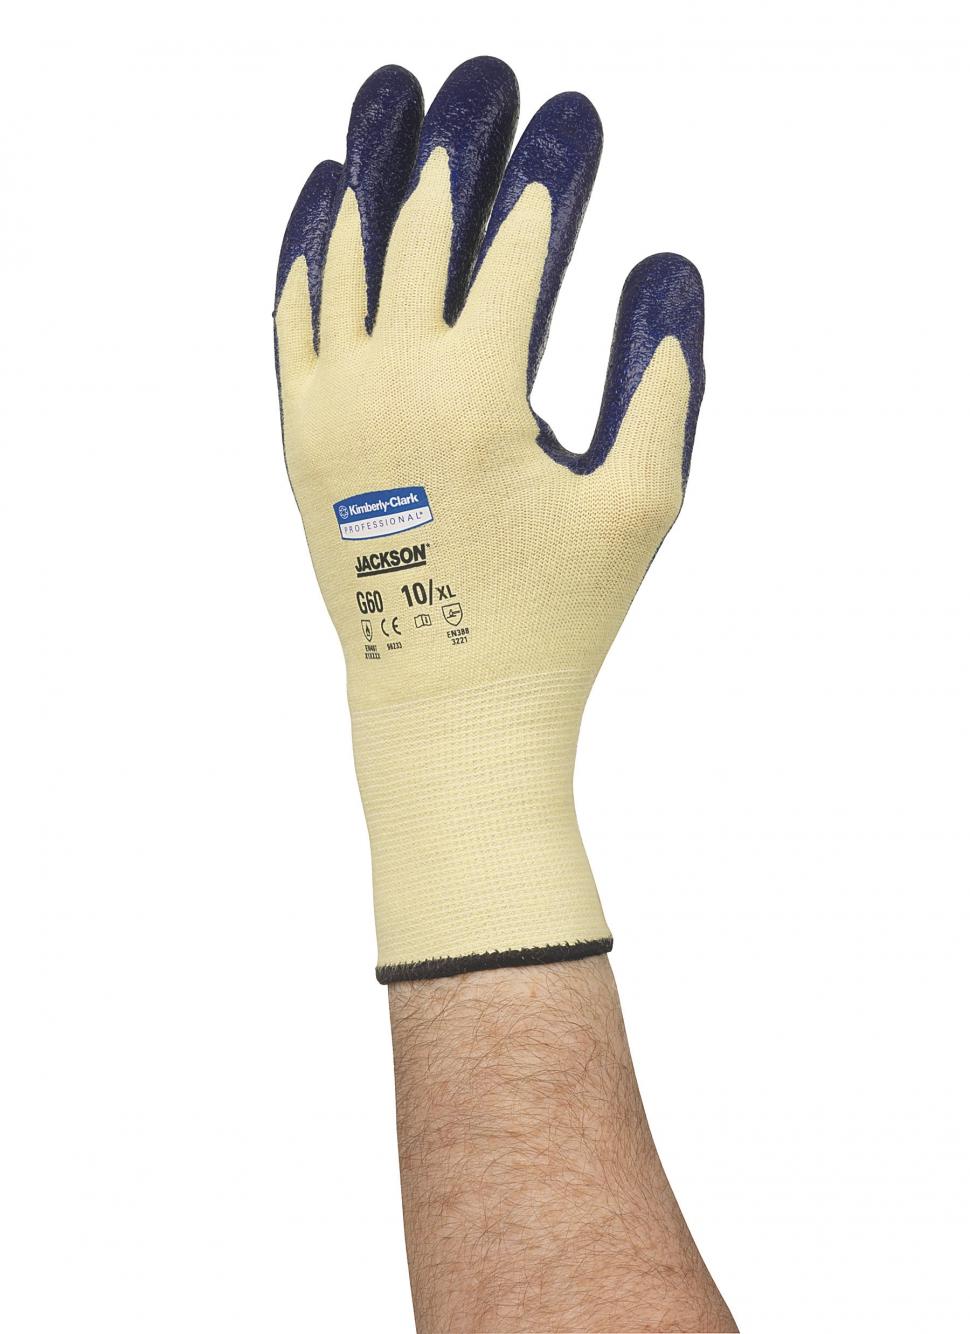 Супер распродажа!Ваши руки под надежной защитой!!!Всего 35р за нереально крутые перчатки для дачников и рабочих!Не боятся растворителей!В рознице в 4 раза дороже!9 Новинка перчатки для стекла